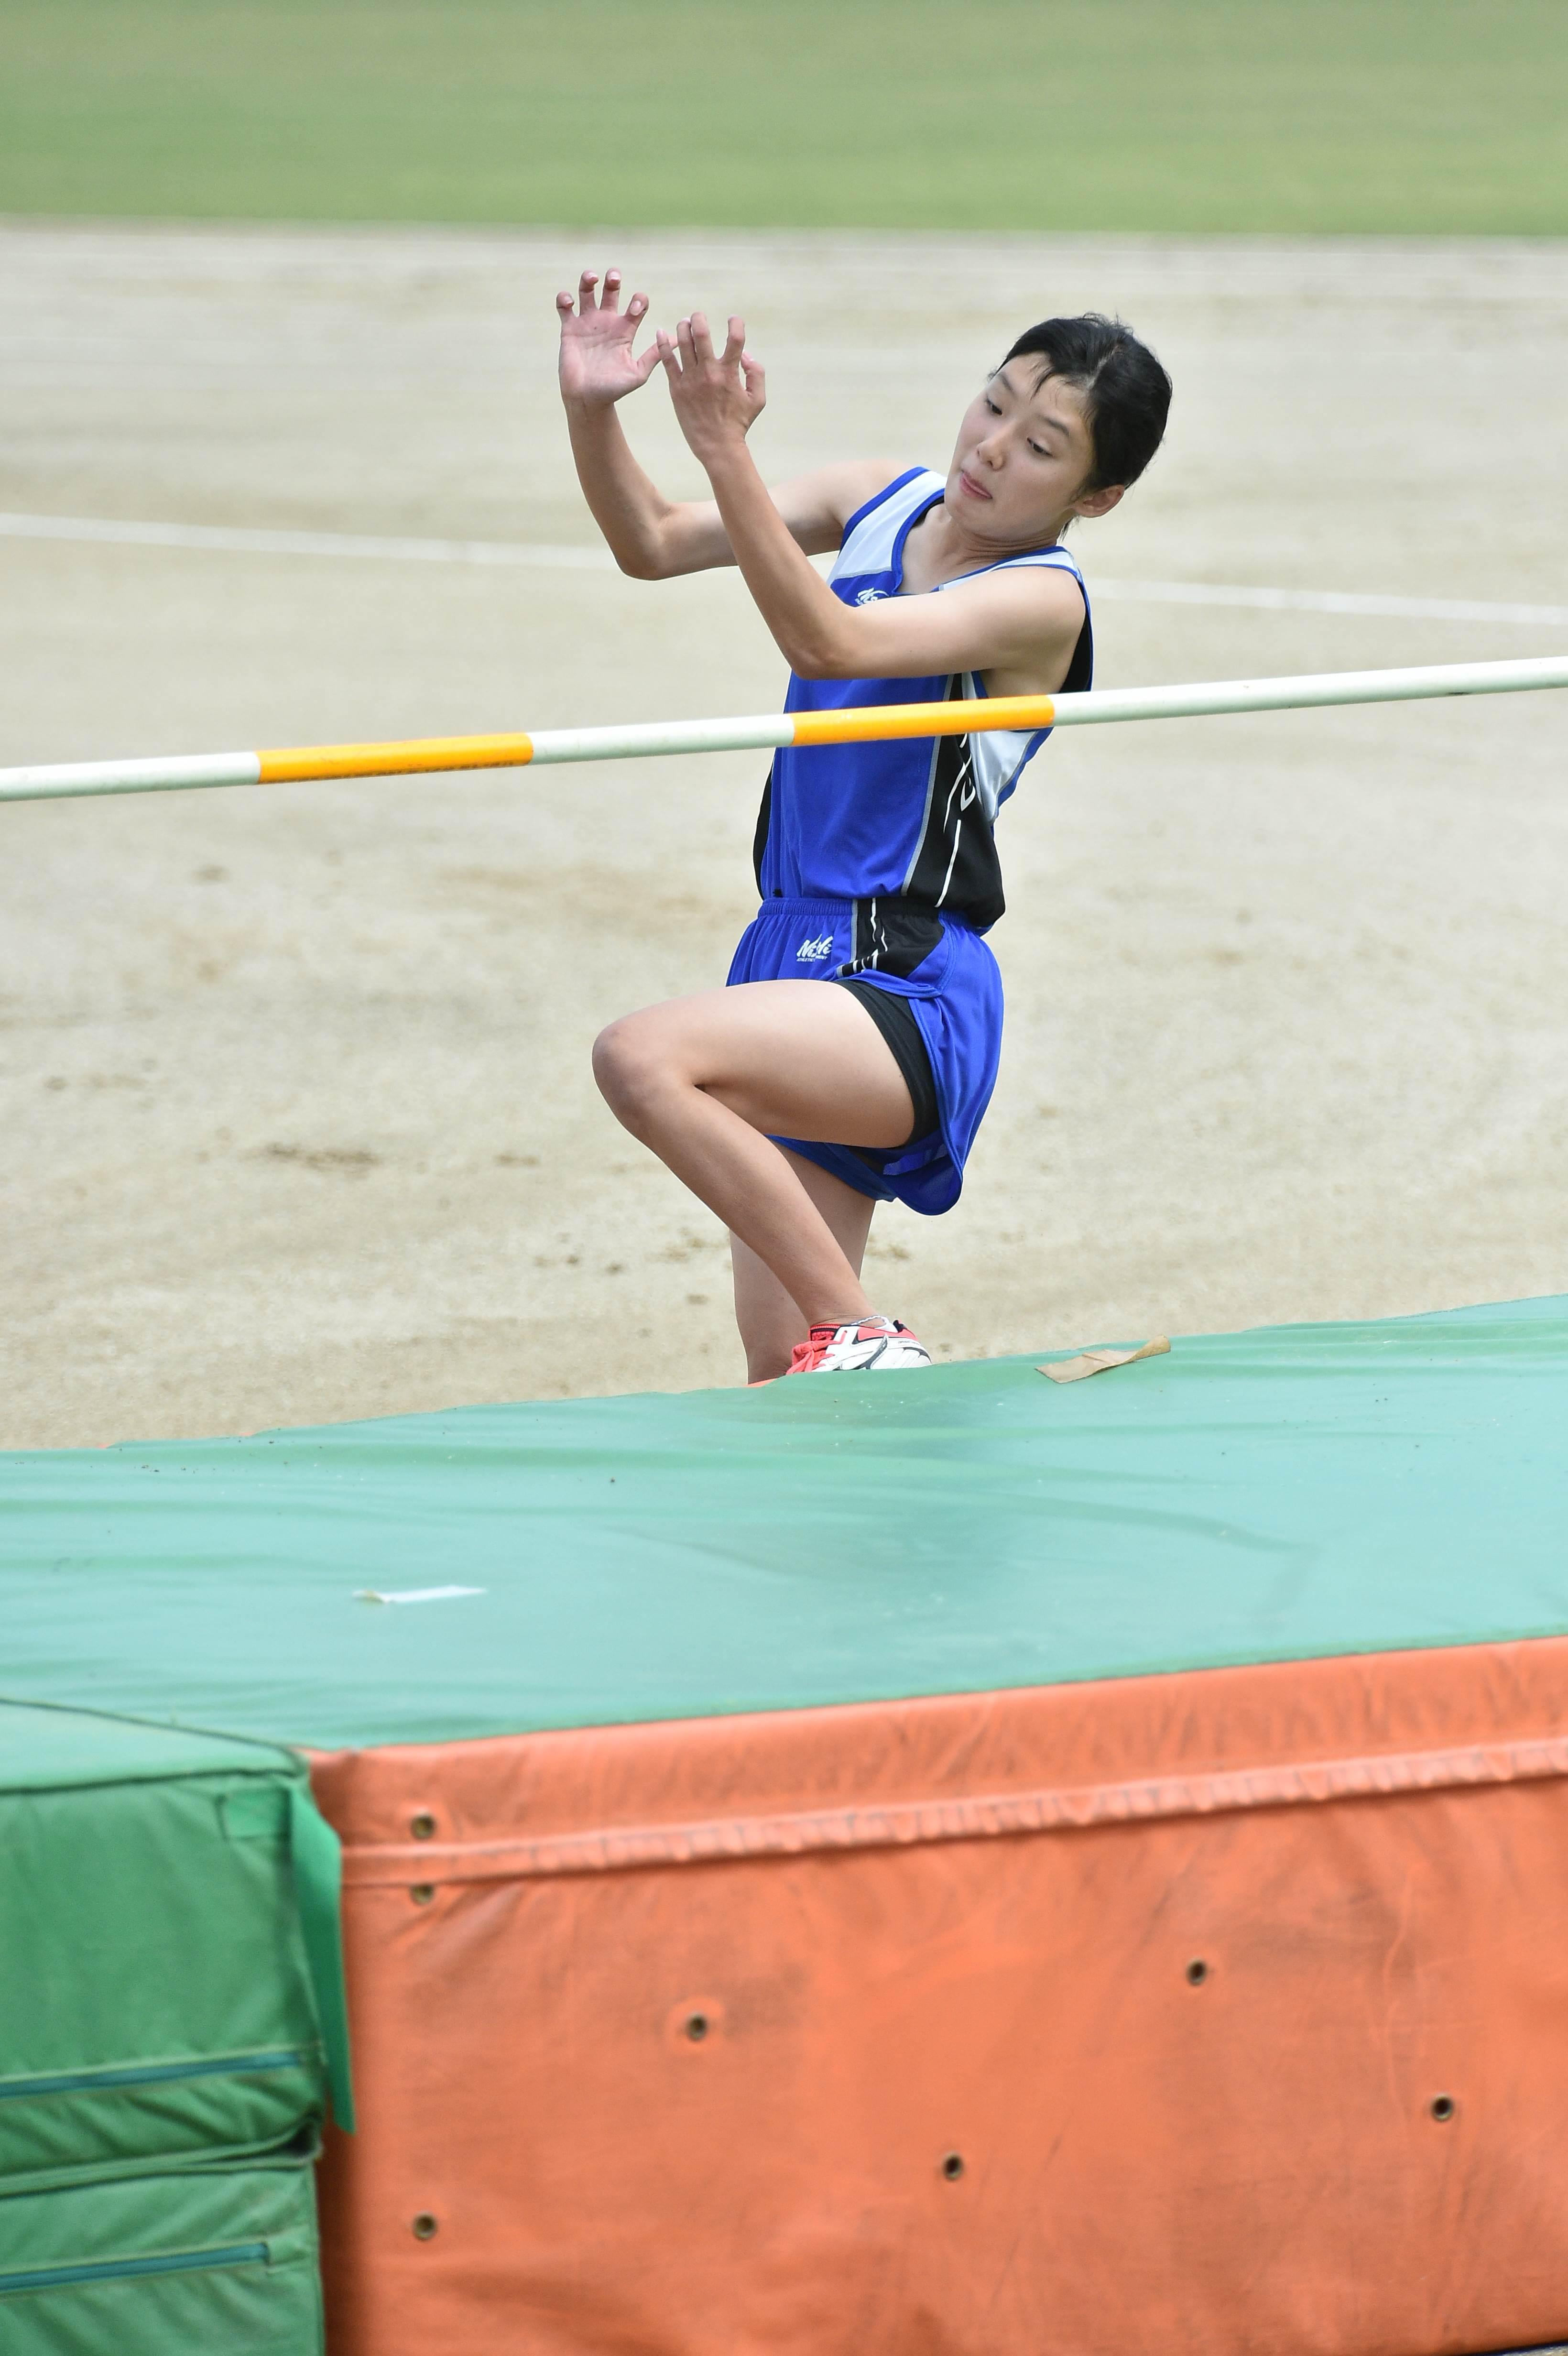 陸上競技 (369)